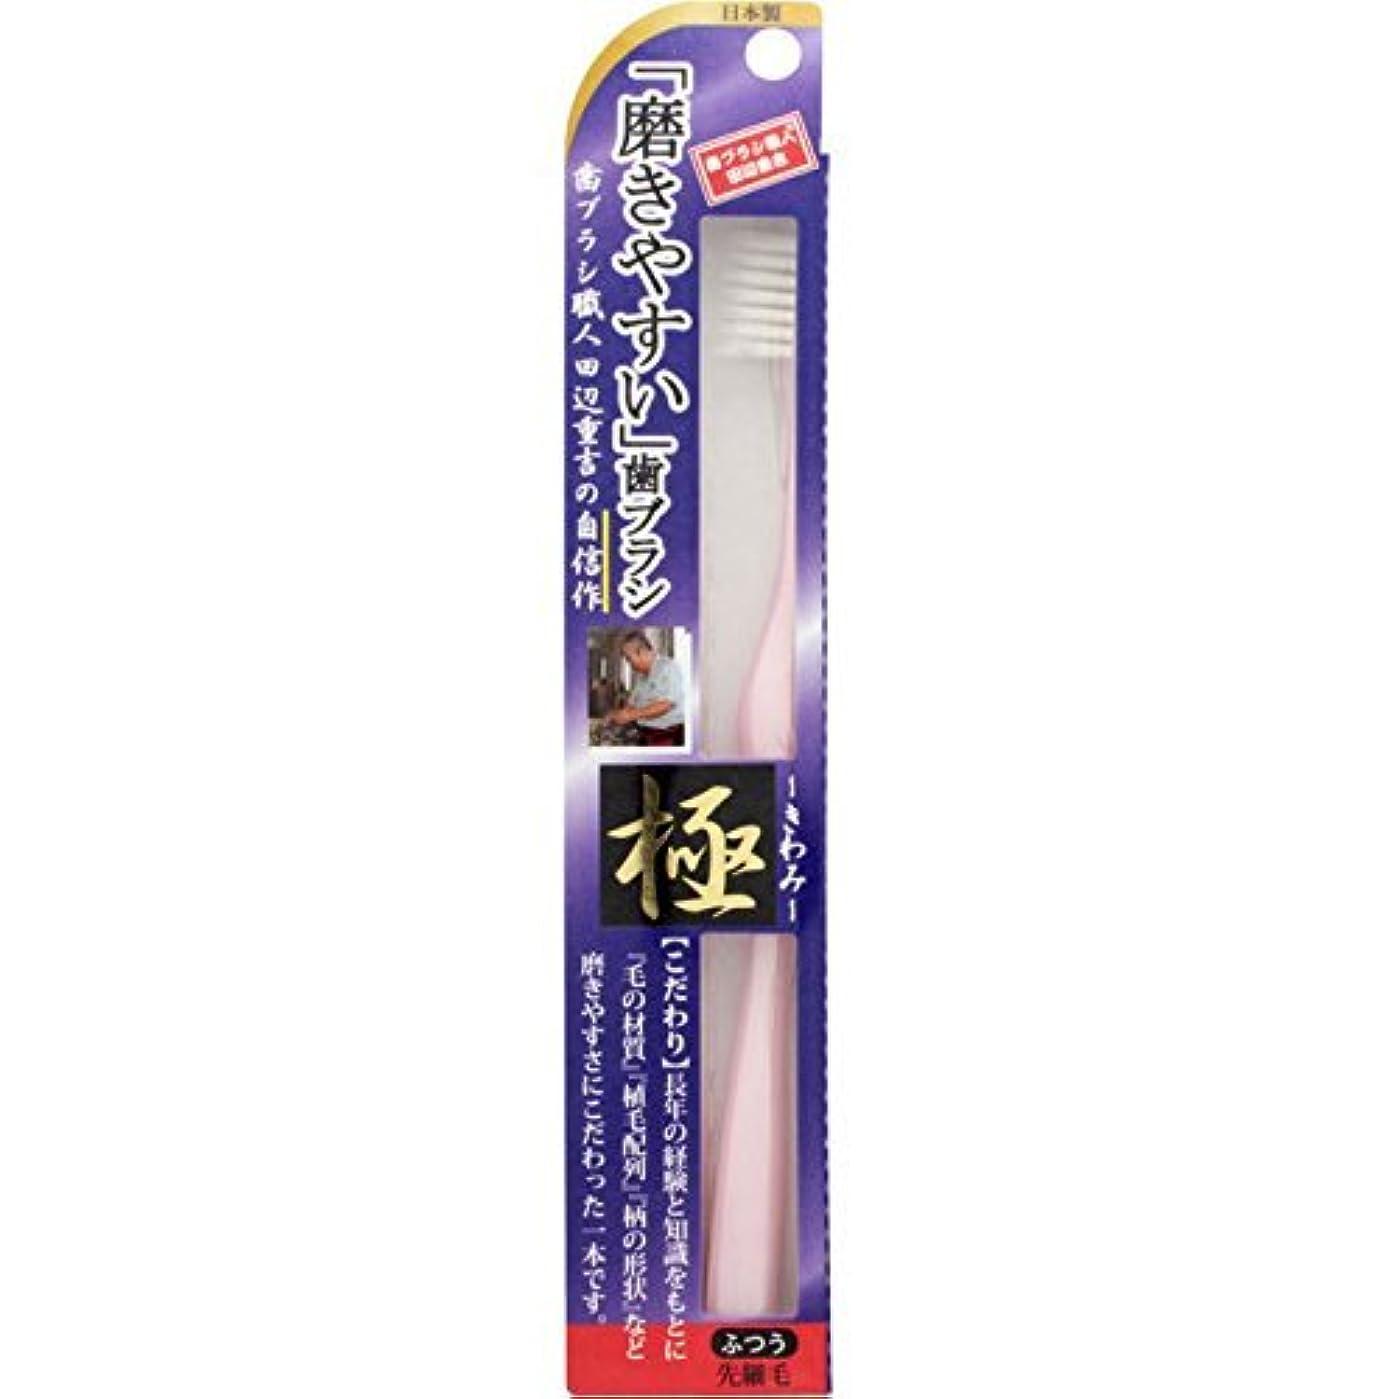 輝く高さオーク【まとめ買い】磨きやすい歯ブラシ 極 LT-22 ×15個